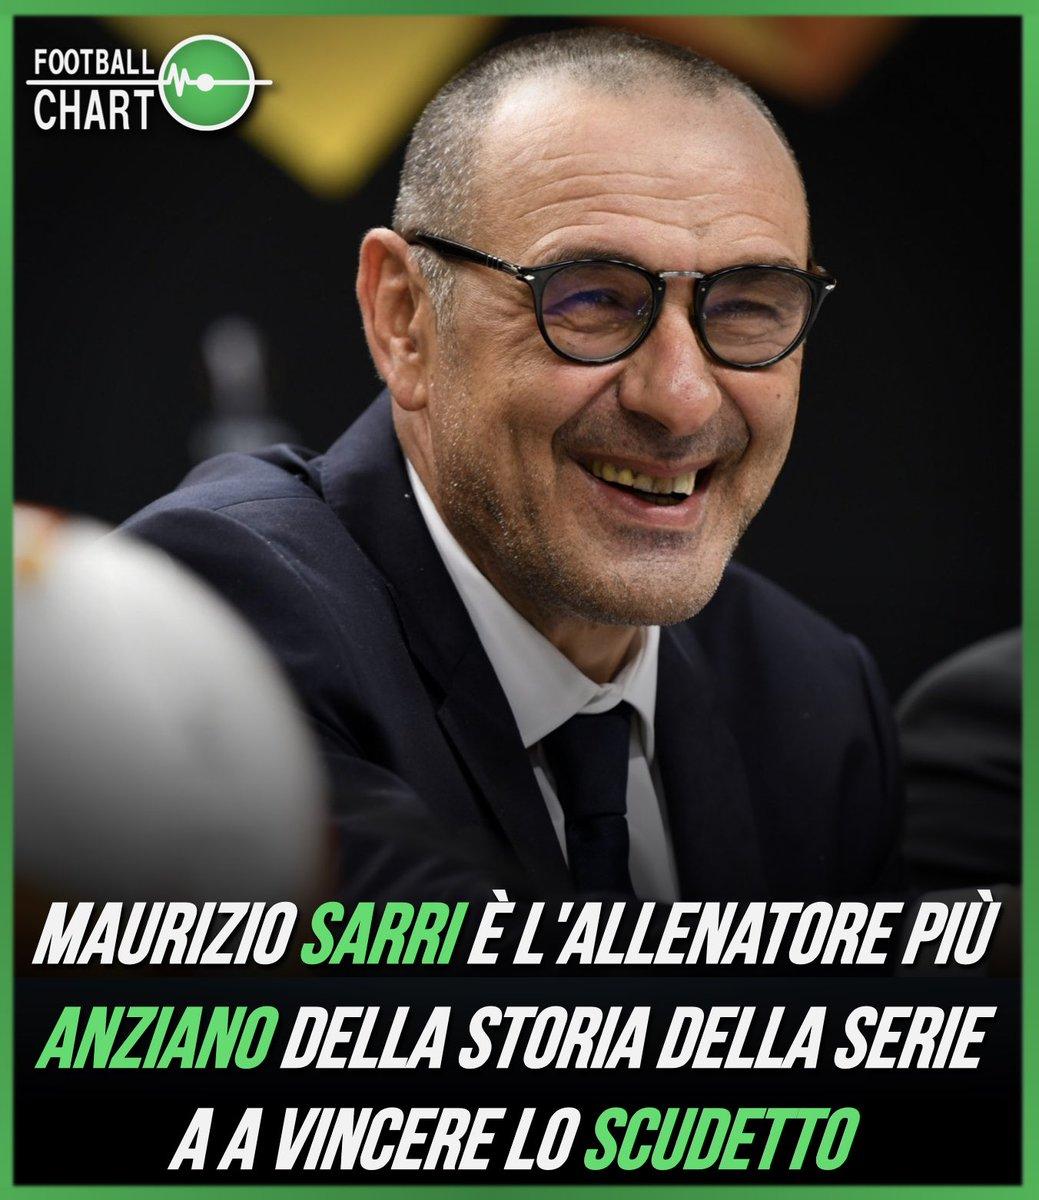 A 61 anni e 198 giorni, Maurizio #Sarri batte il precedente record di Nils #Liedholm (60 anni e 212 giorni).  #Juventus #Juve #SerieA #SerieATIM #Scudetto https://t.co/zzaRf0VEbE